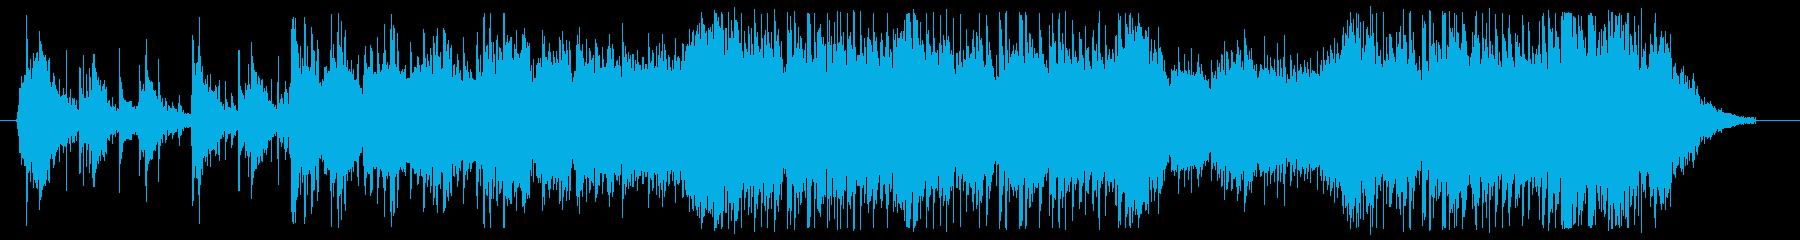 アップテンポで軽快なミュージックの再生済みの波形